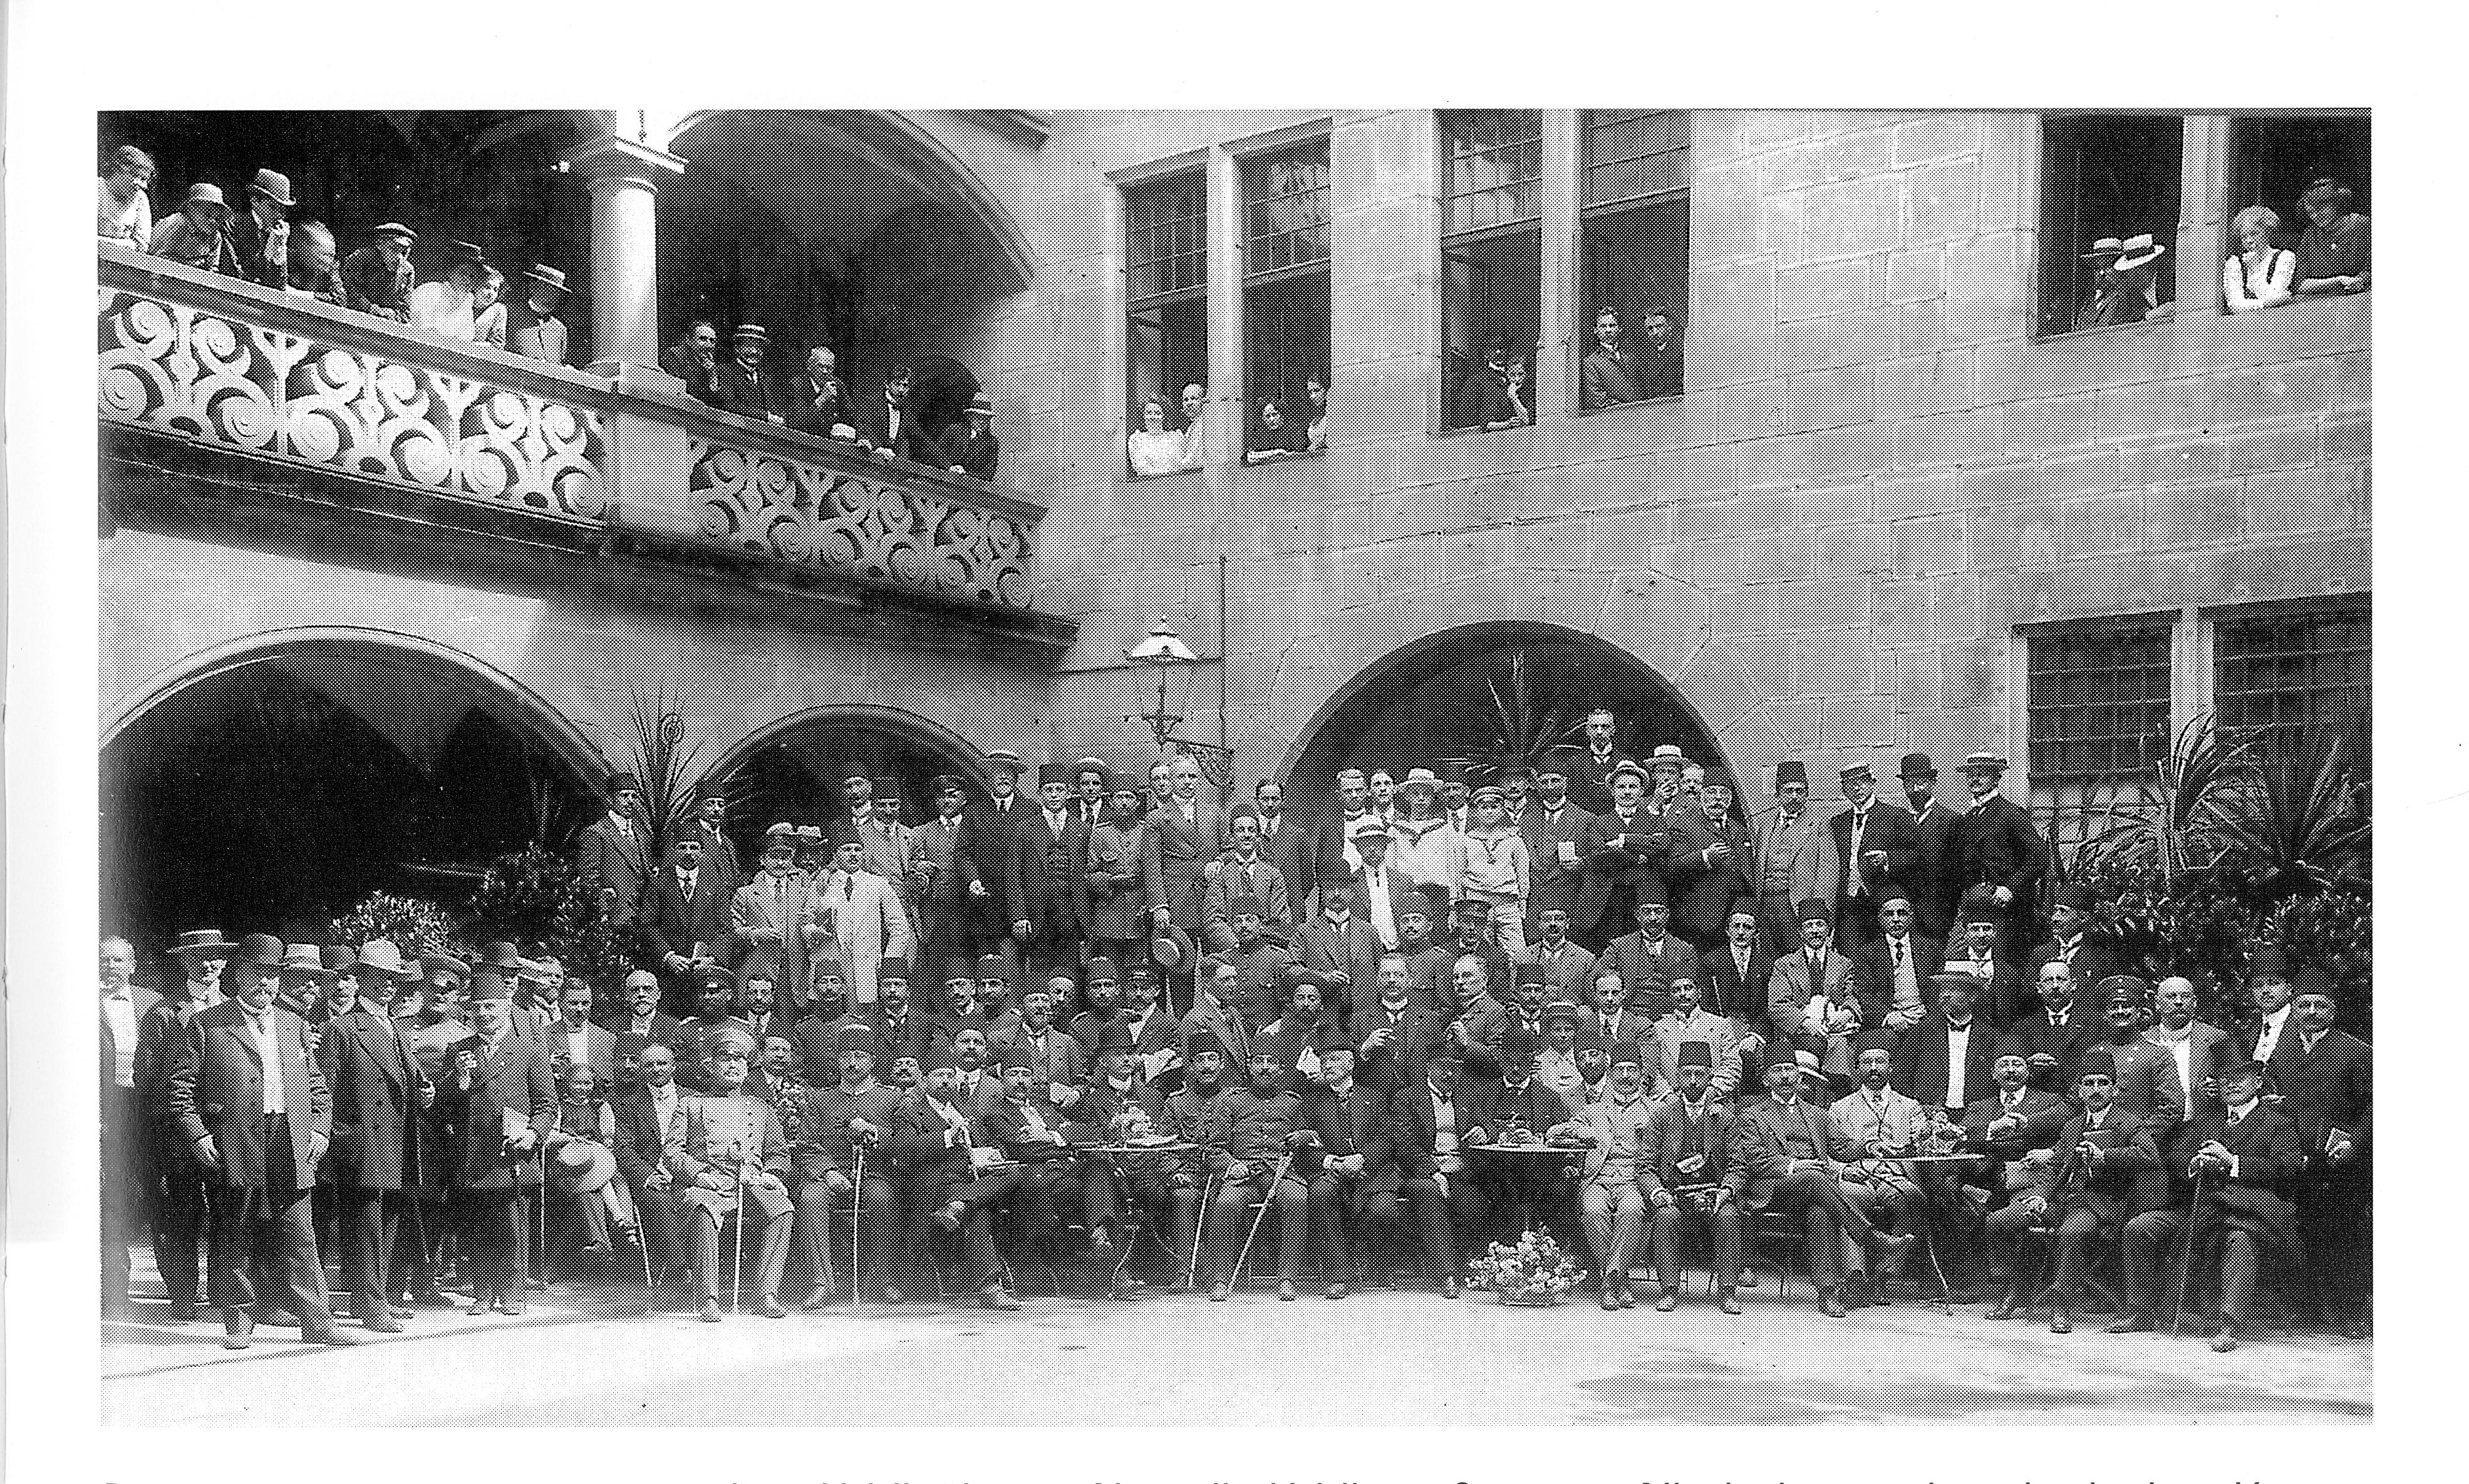 http://upload.wikimedia.org/wikipedia/commons/9/98/Heilbronn%2C_Altes_Rathaus%2C_Rathaus-Innenhof_mit_dem_Vertrauten_der_Jungtürken_Ernst_Jäckh_und_türkischer_Studienkommission_in_Heilbronn%2C_am_8._Juli_1911.jpg